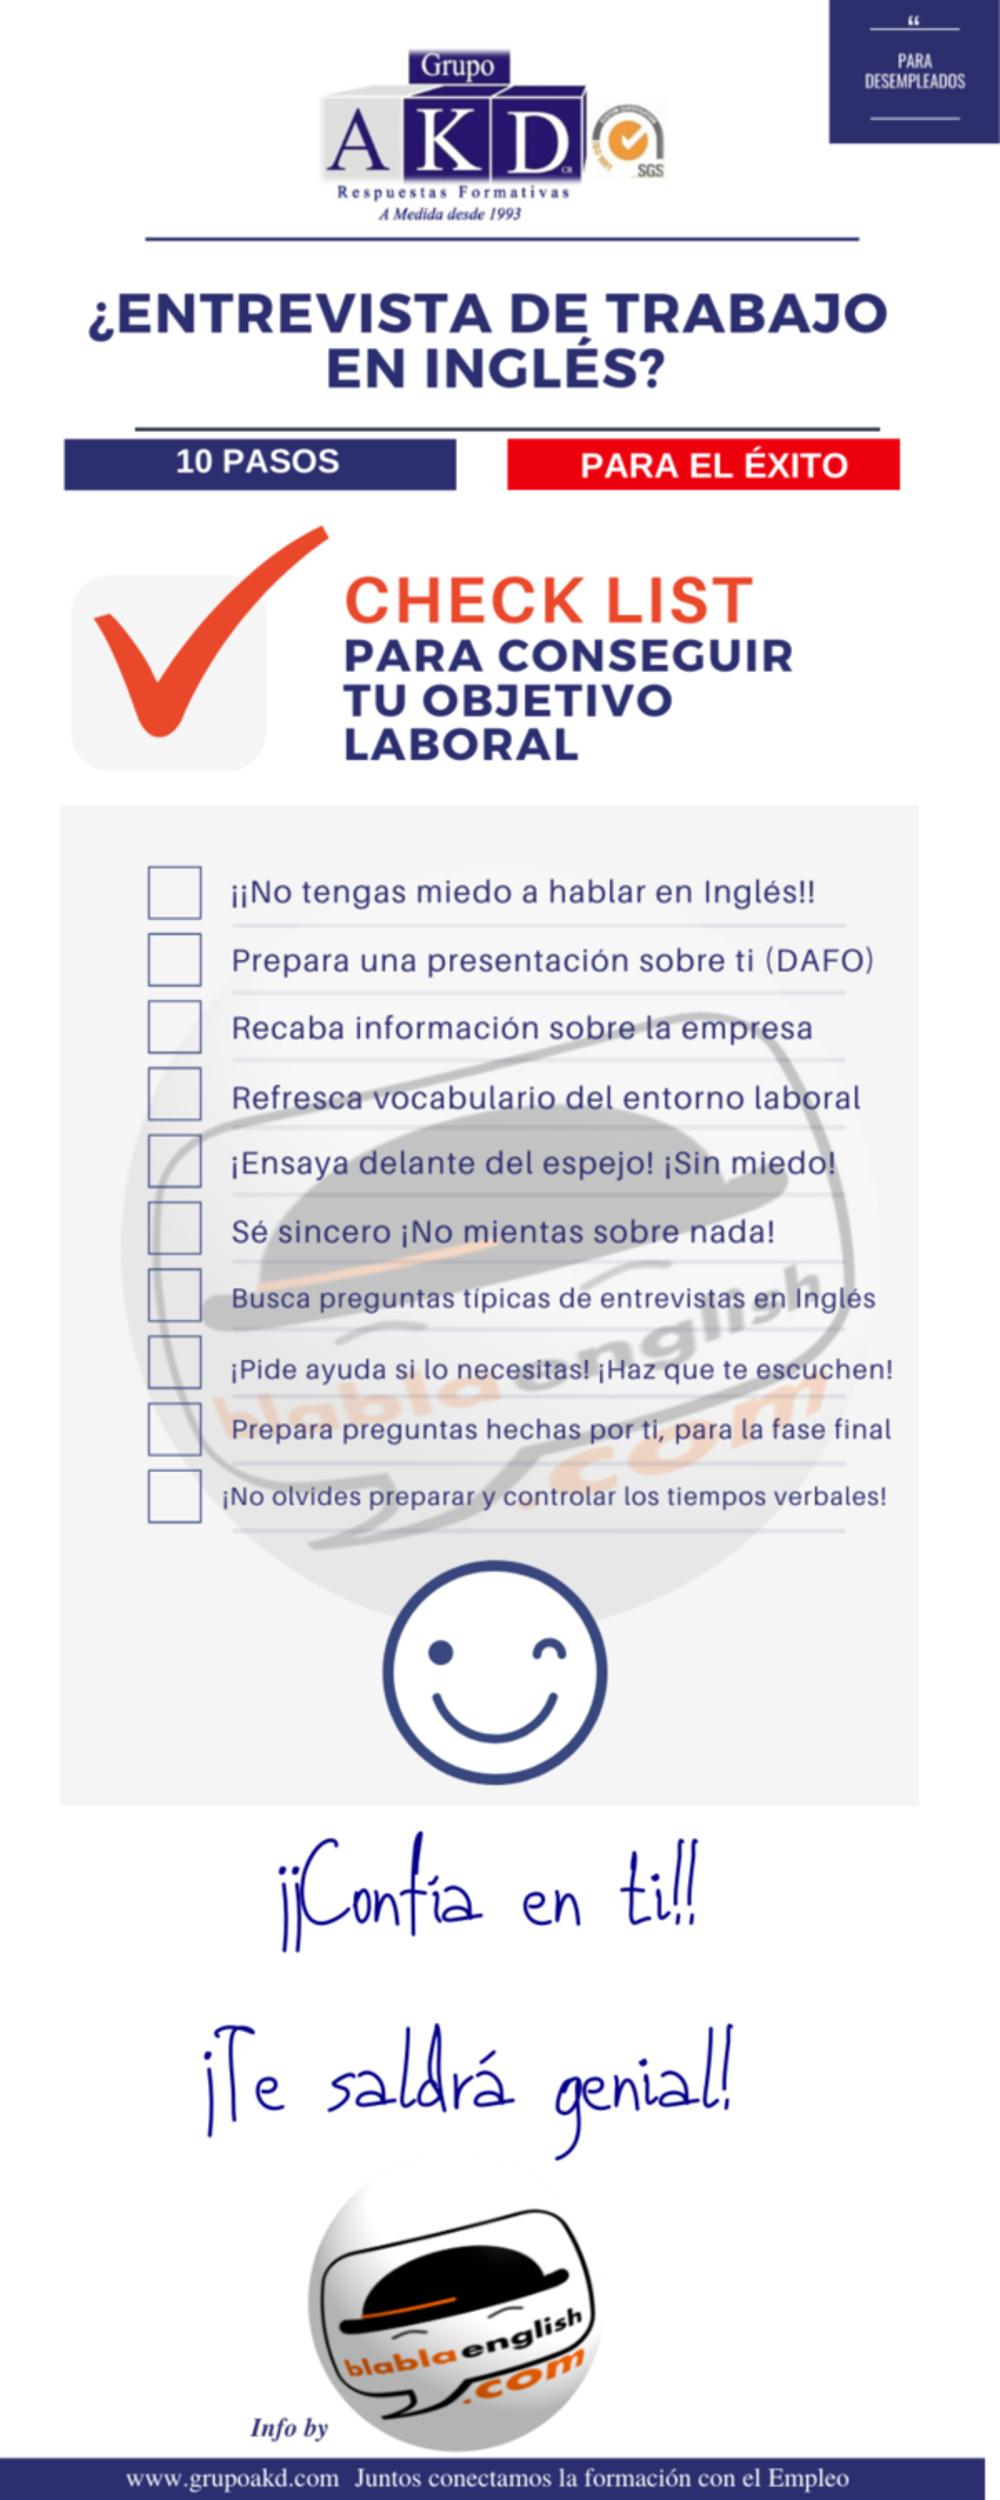 Entrevista en Inglés ¿10 claves para el éxito?